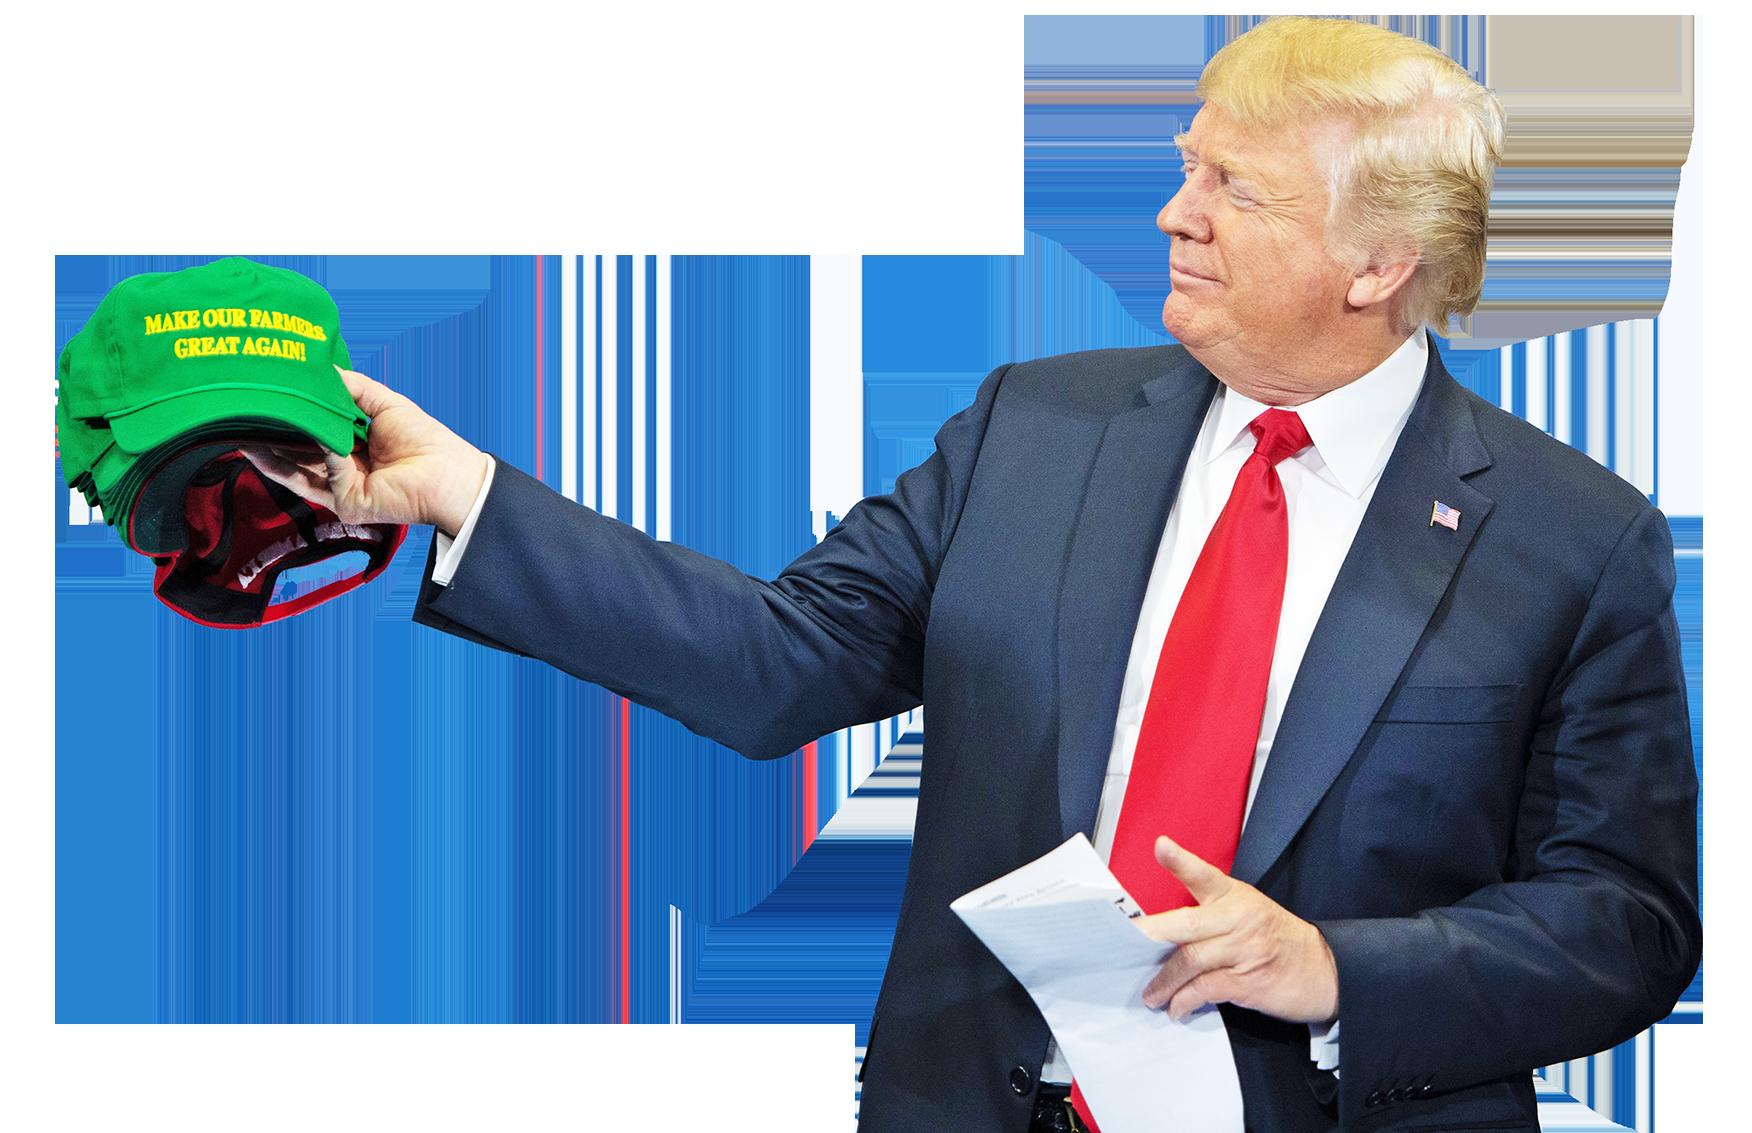 7月26日,美國總統特朗普在愛荷華州參加社區大學演講的時候,手持「讓我們的農民再次強大!」的帽子。(Getty Images)